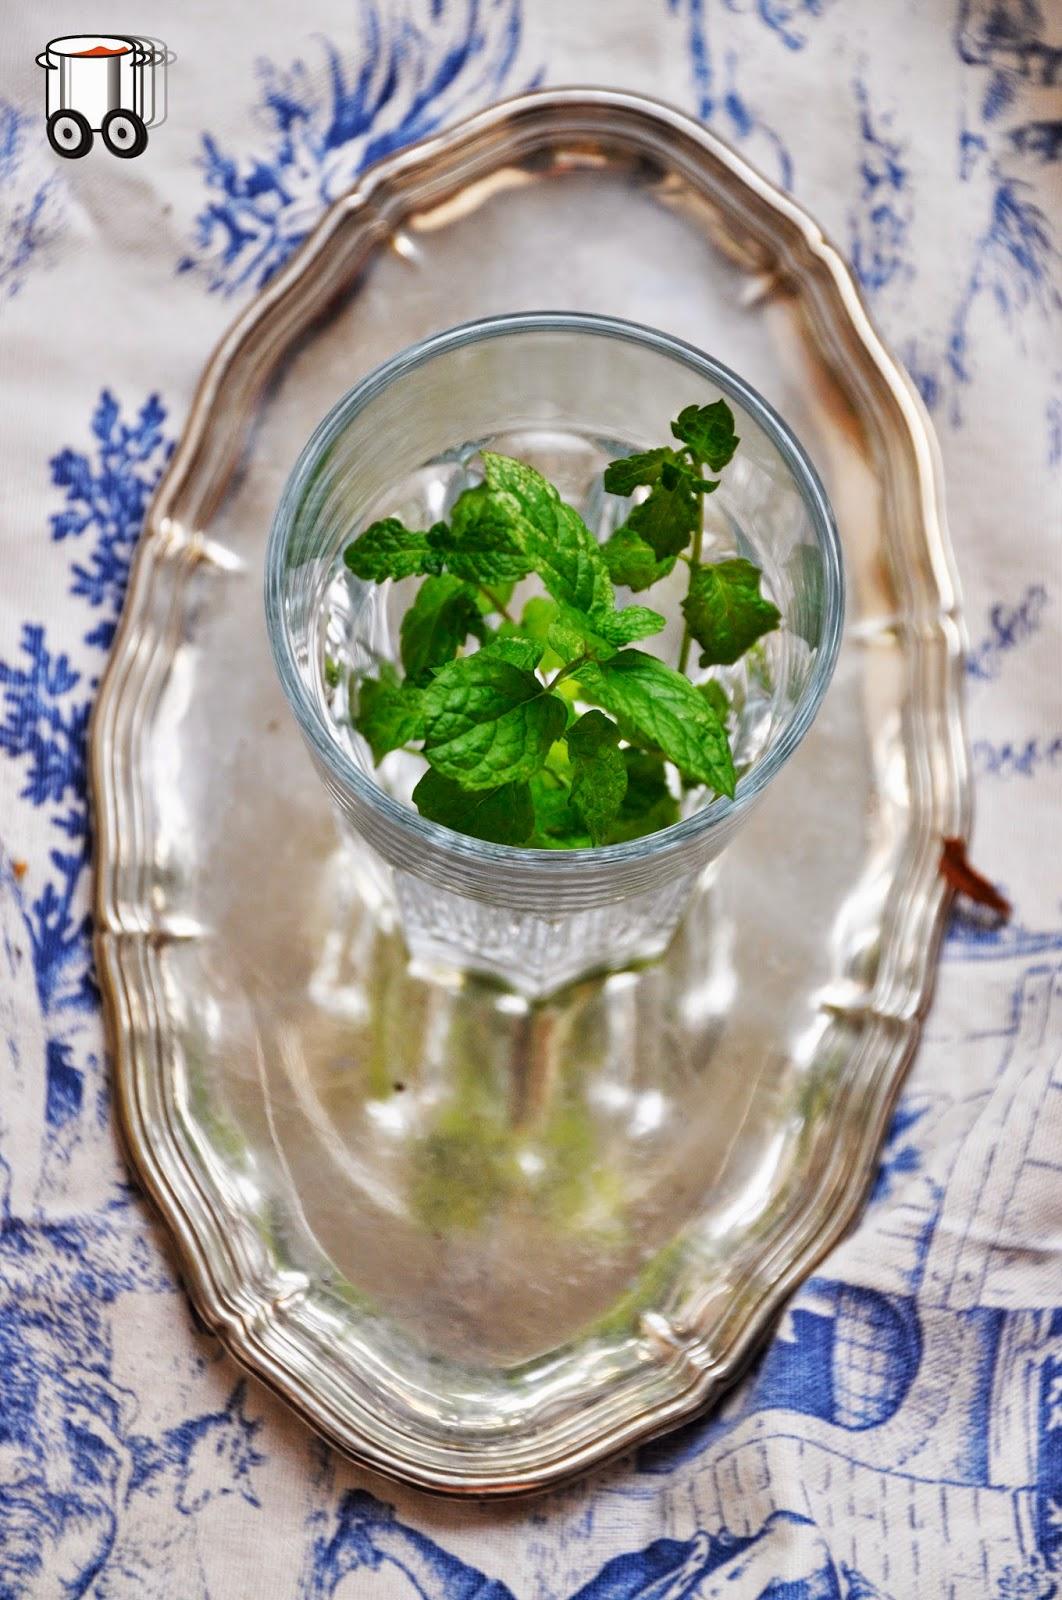 Szybko Tanio Smacznie - Domowa herbata miętowa